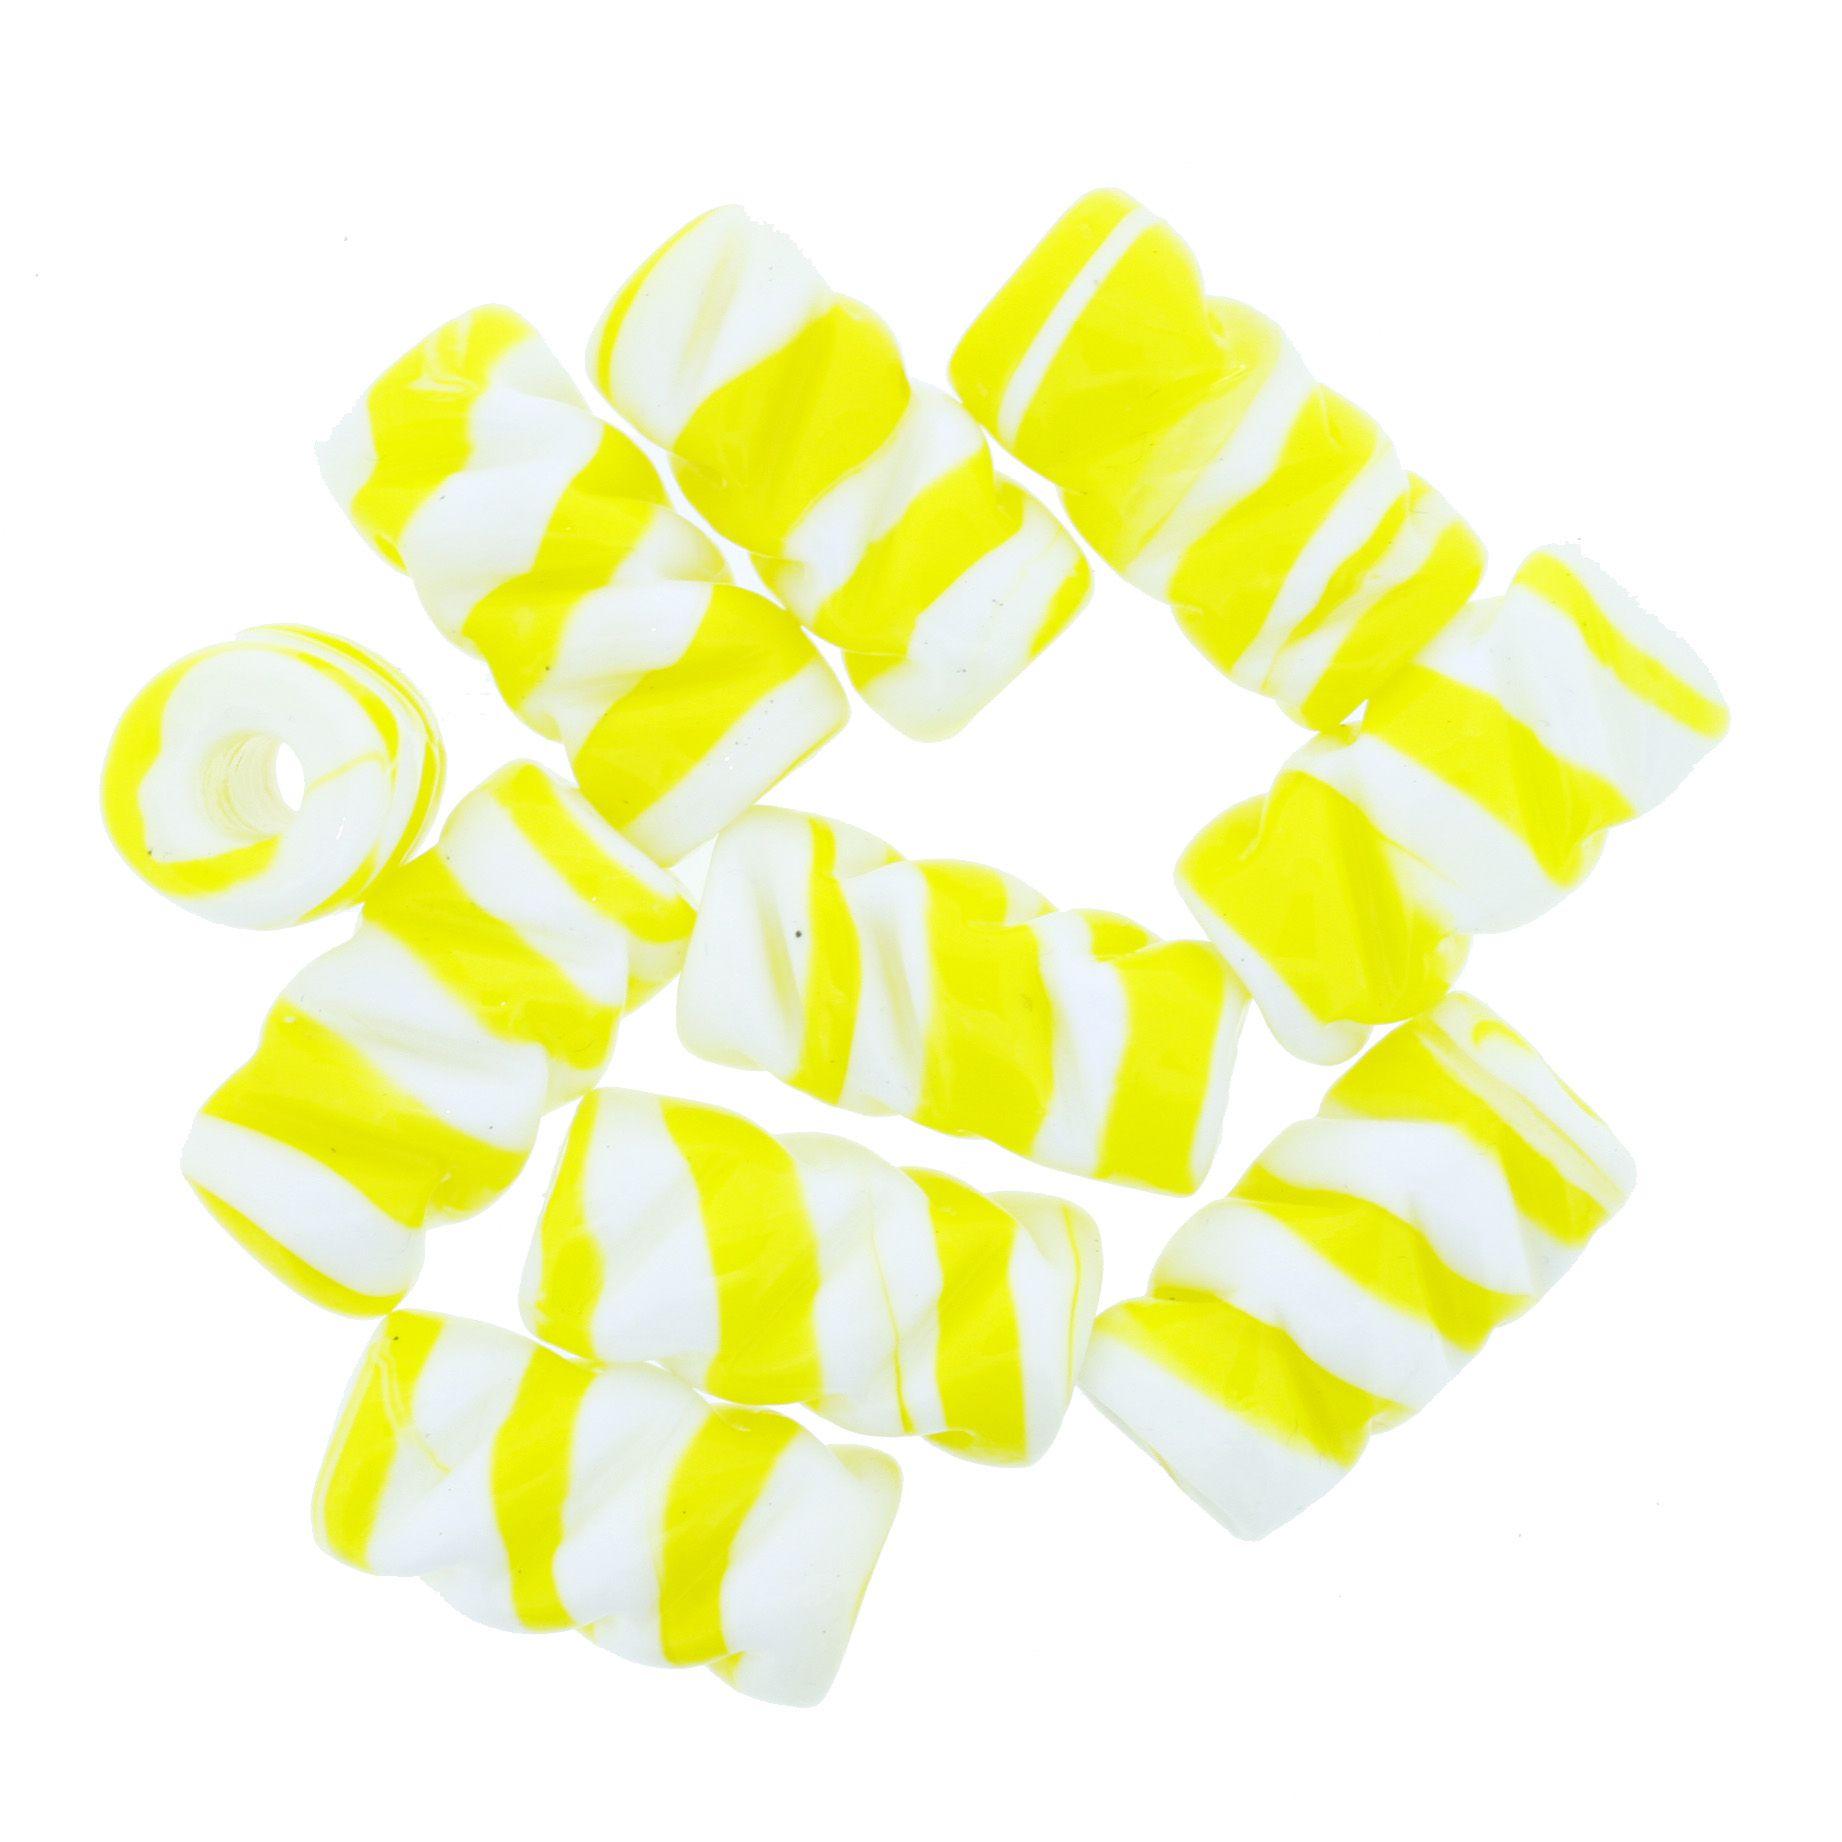 Firma Frisada - Amarela e Branca  - Stéphanie Bijoux® - Peças para Bijuterias e Artesanato